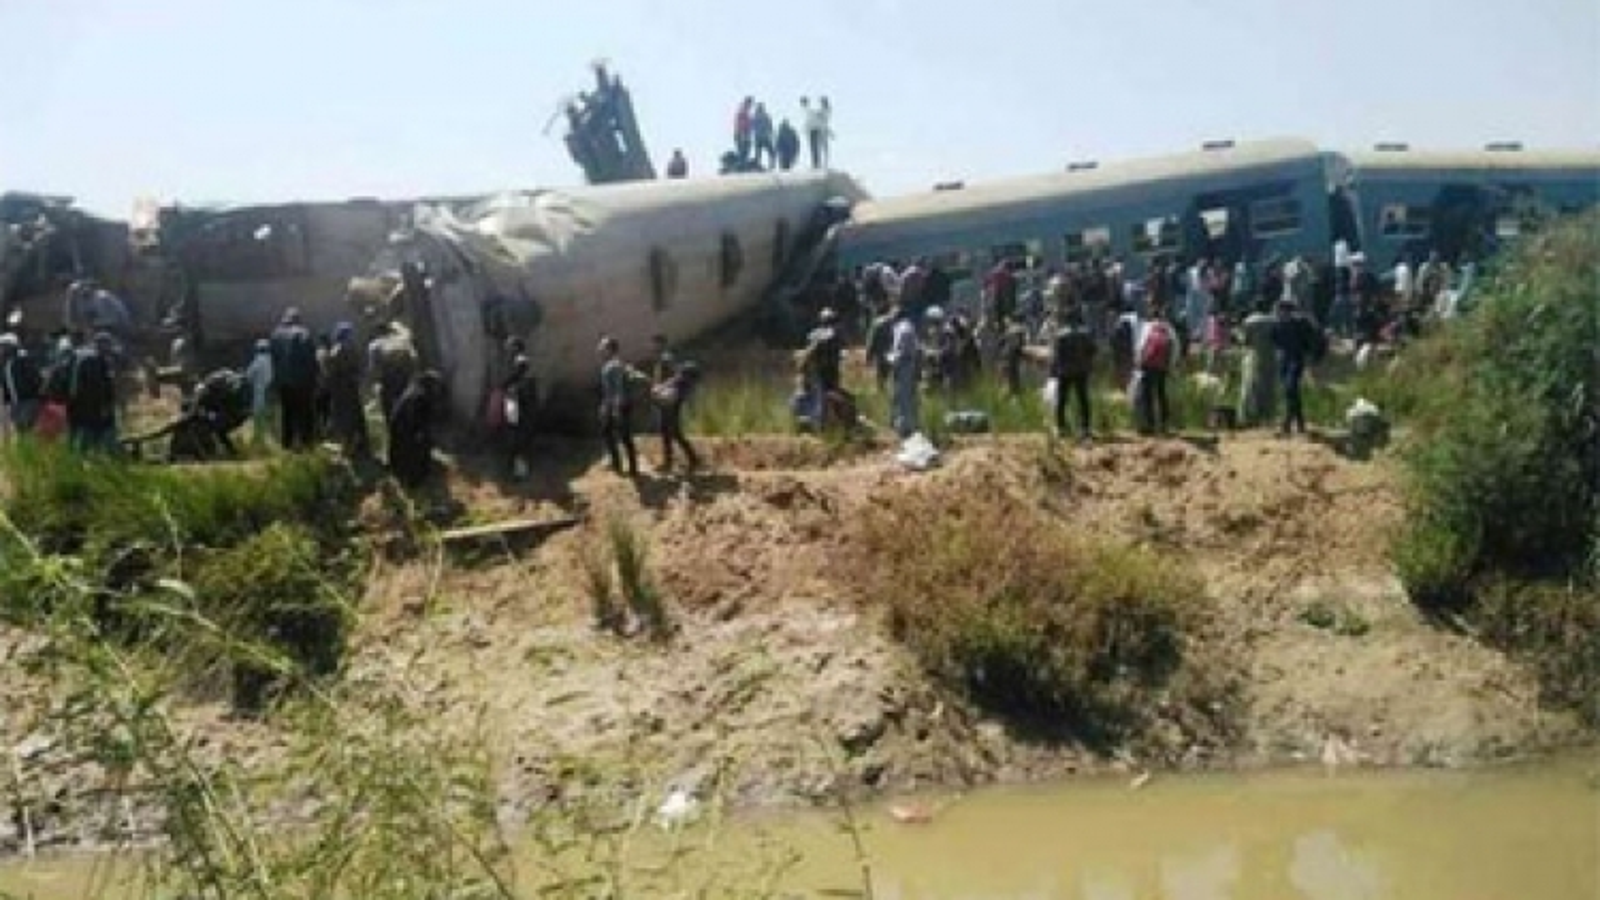 Tai nạn tàu thảm khốc ở Ai Cập: Thương vong tăng lên gần 200 người